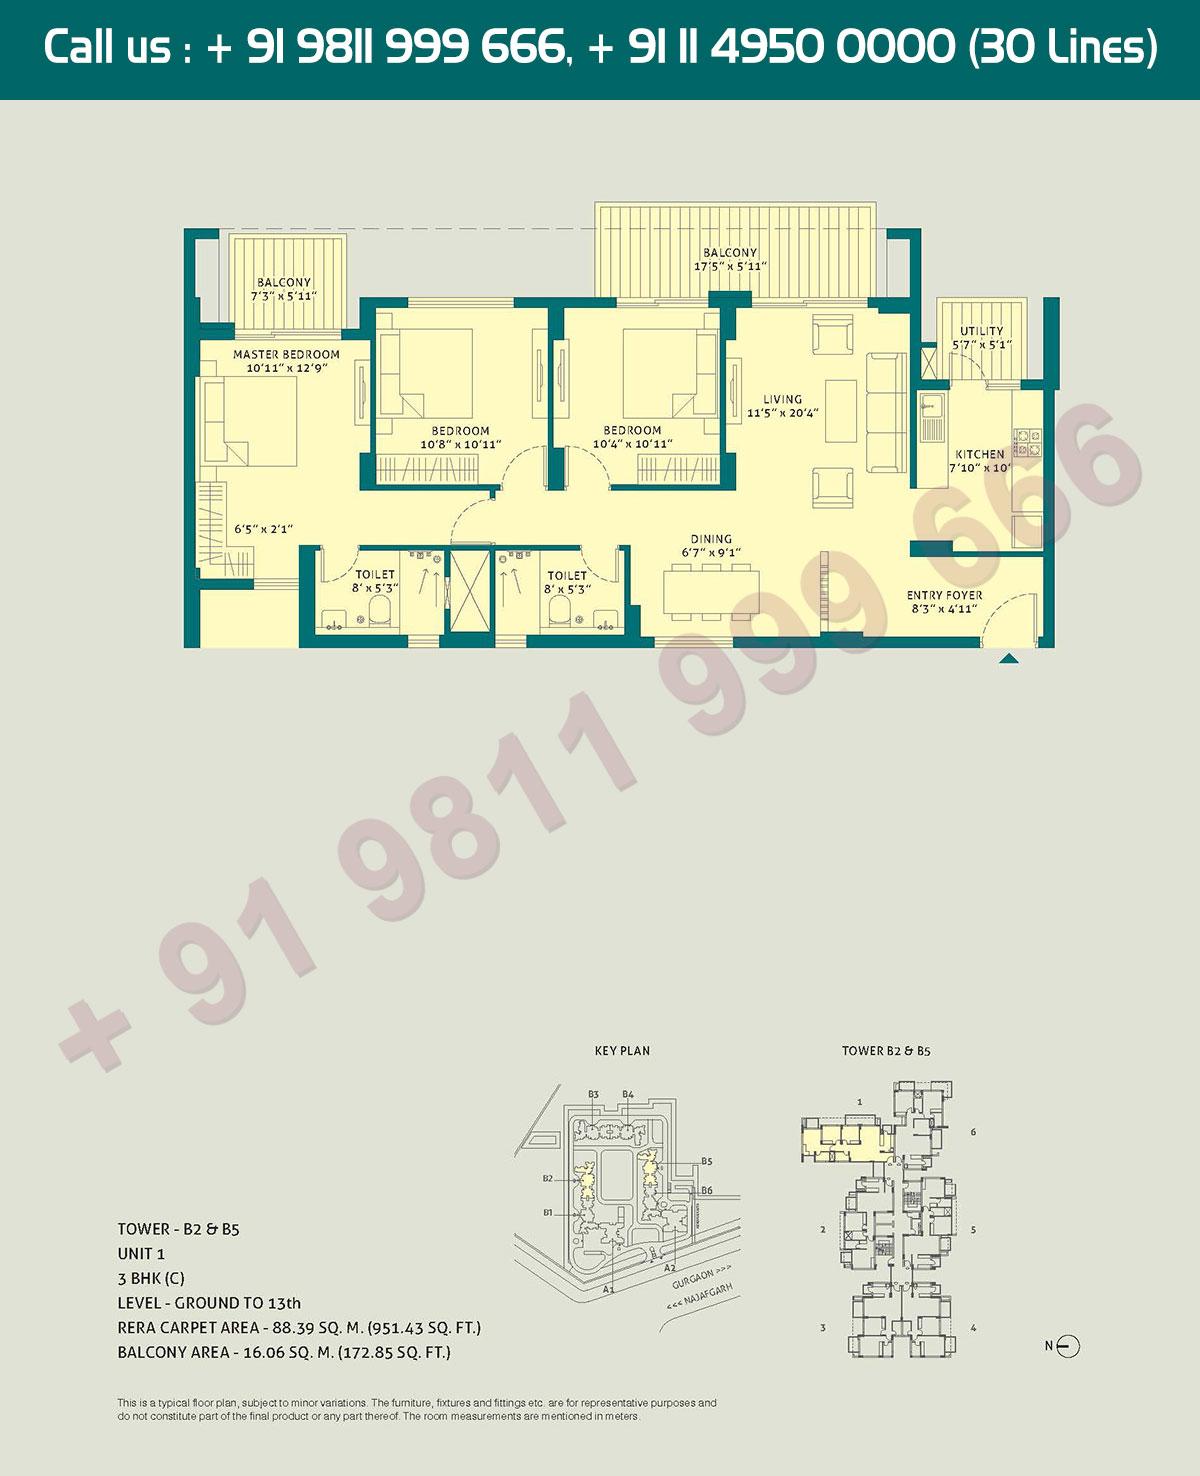 3 BHK - (C), Level Ground to 13, Unit - 1, Tower - B2 - B5